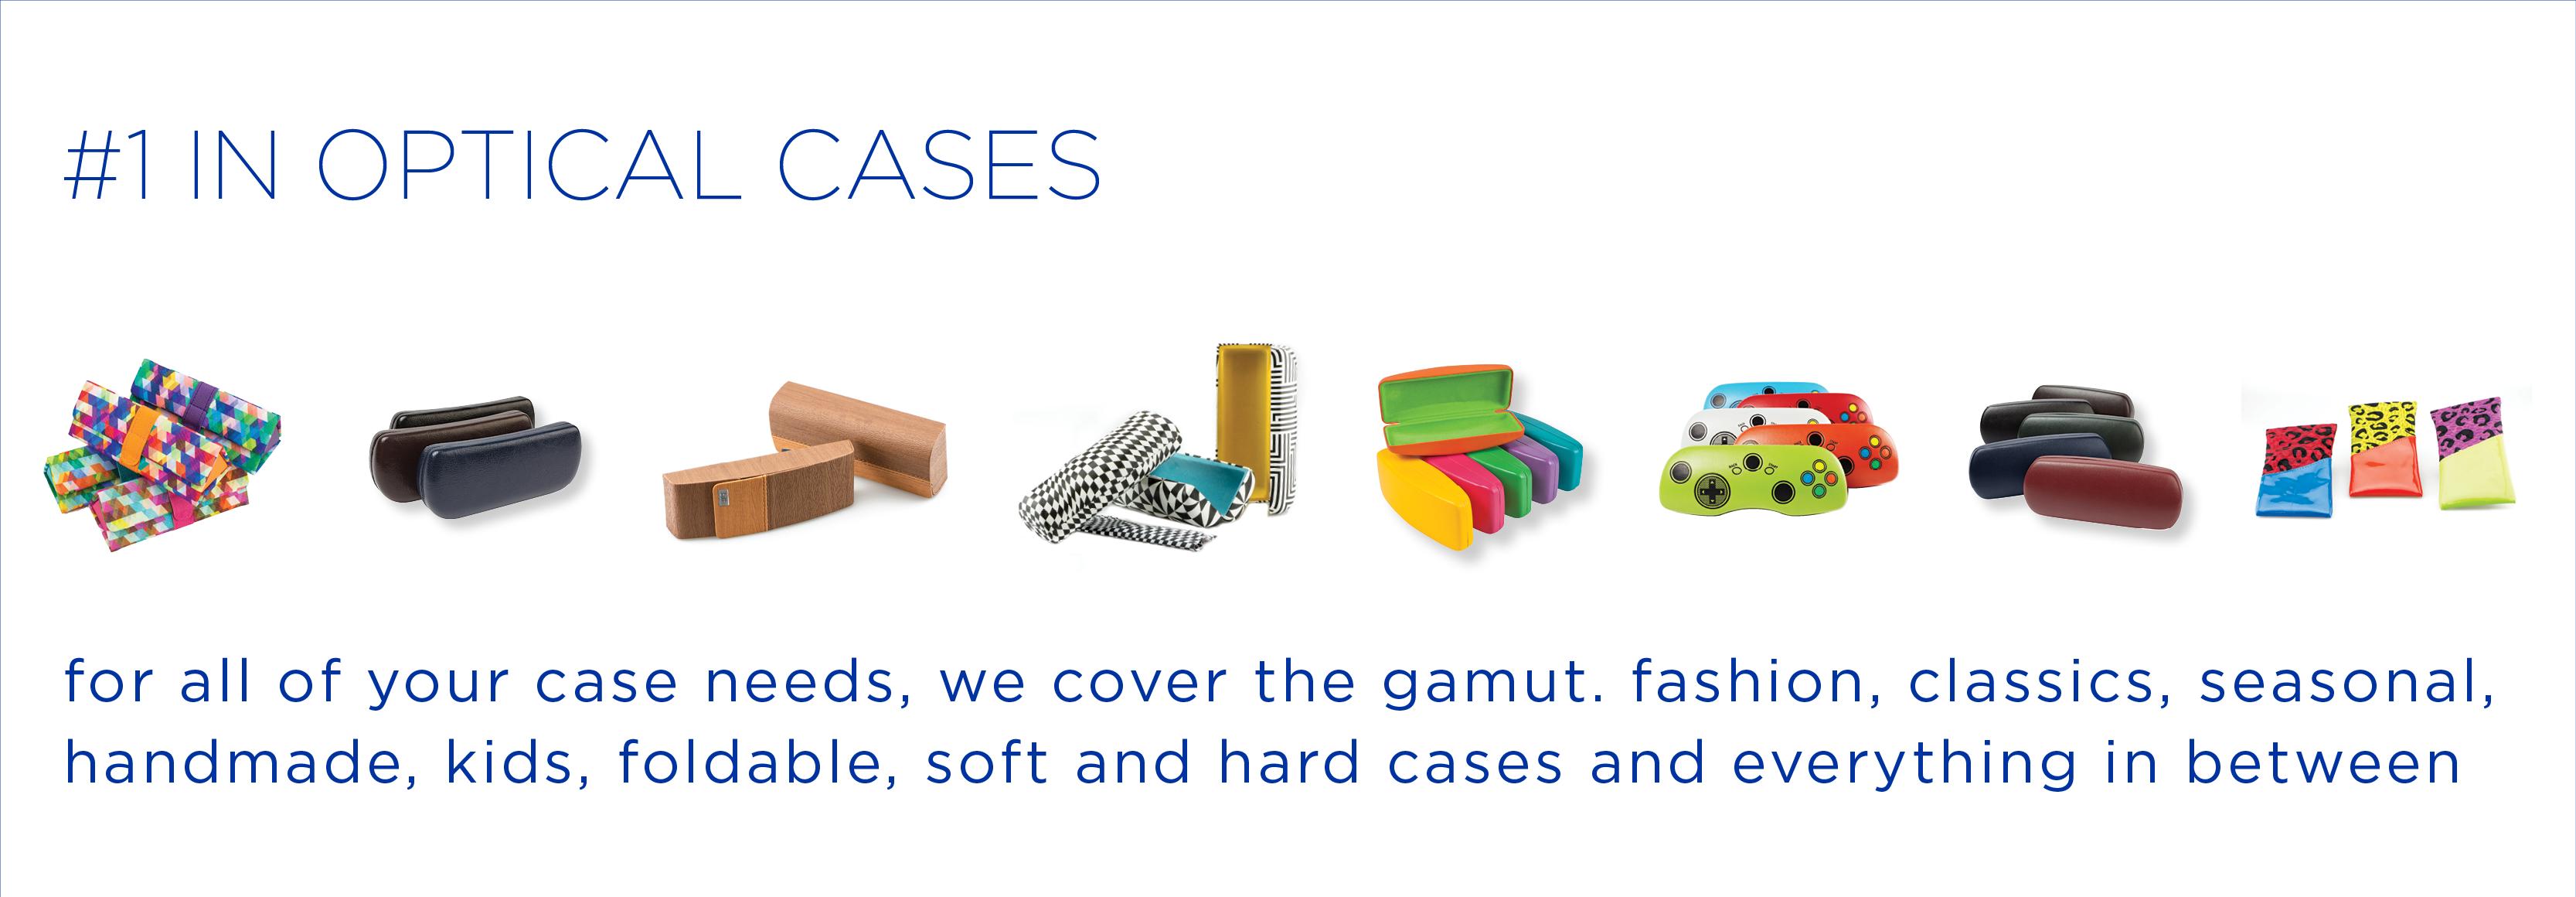 cases-nov21-v1.png